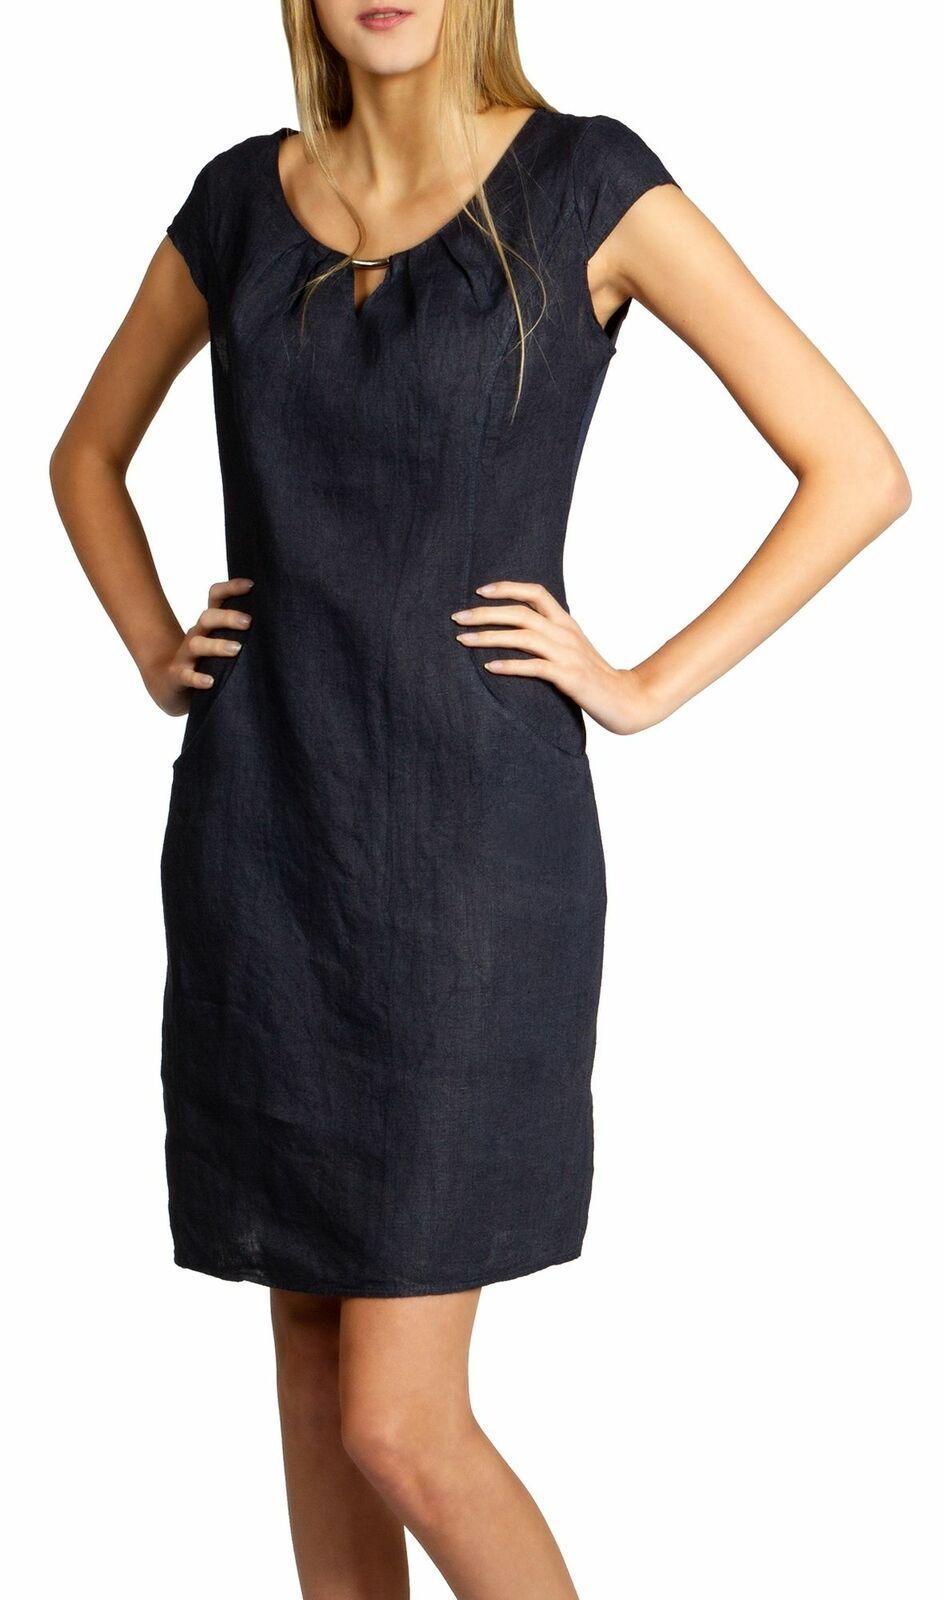 schwarzeskleid #metallspange #leinenkleid #schwarzes #knielang